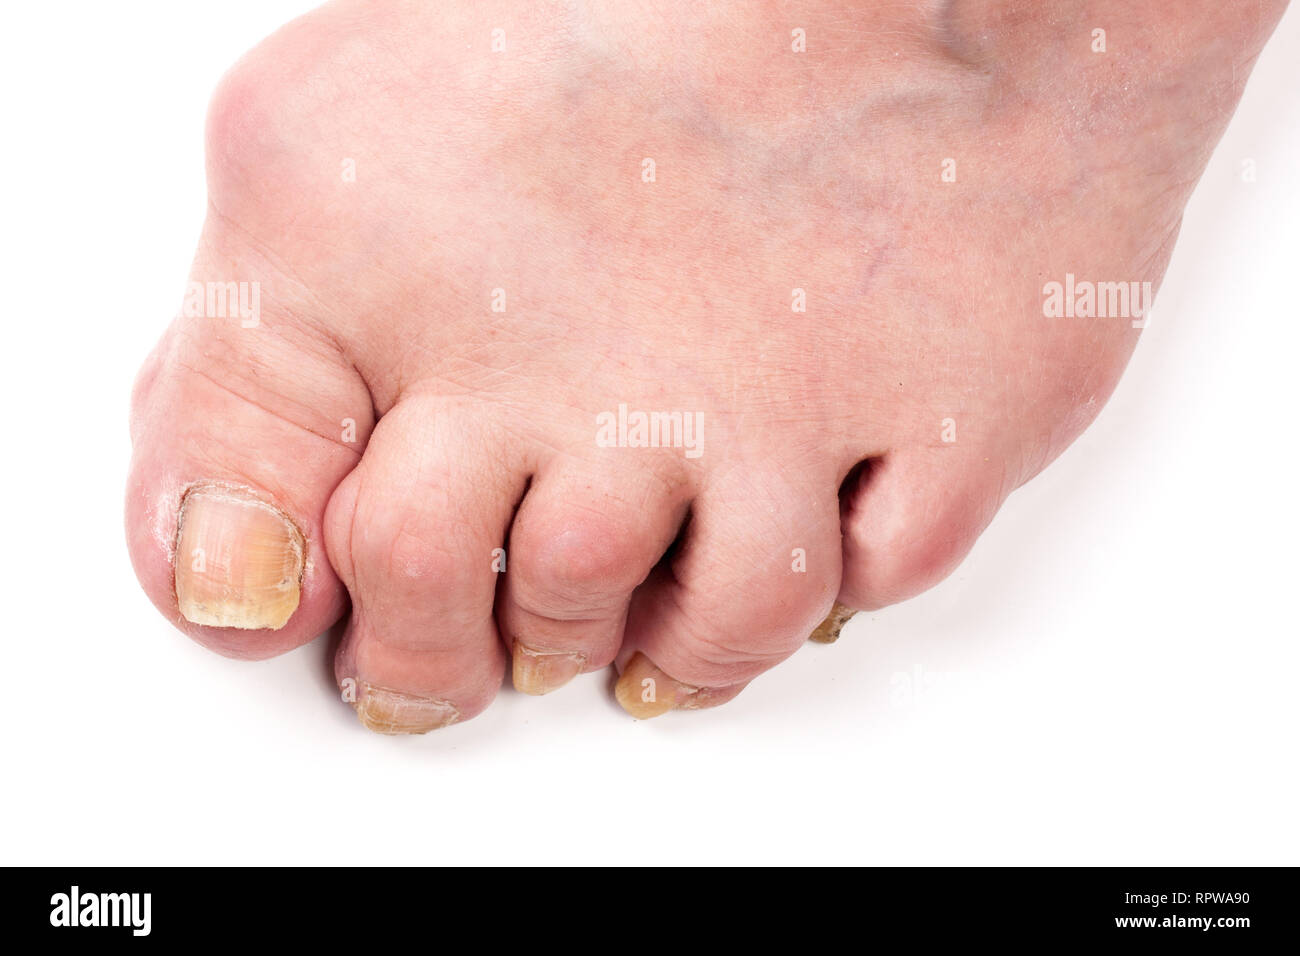 Rheumatoid polyarthritis on foot isolated on white background - Stock Image